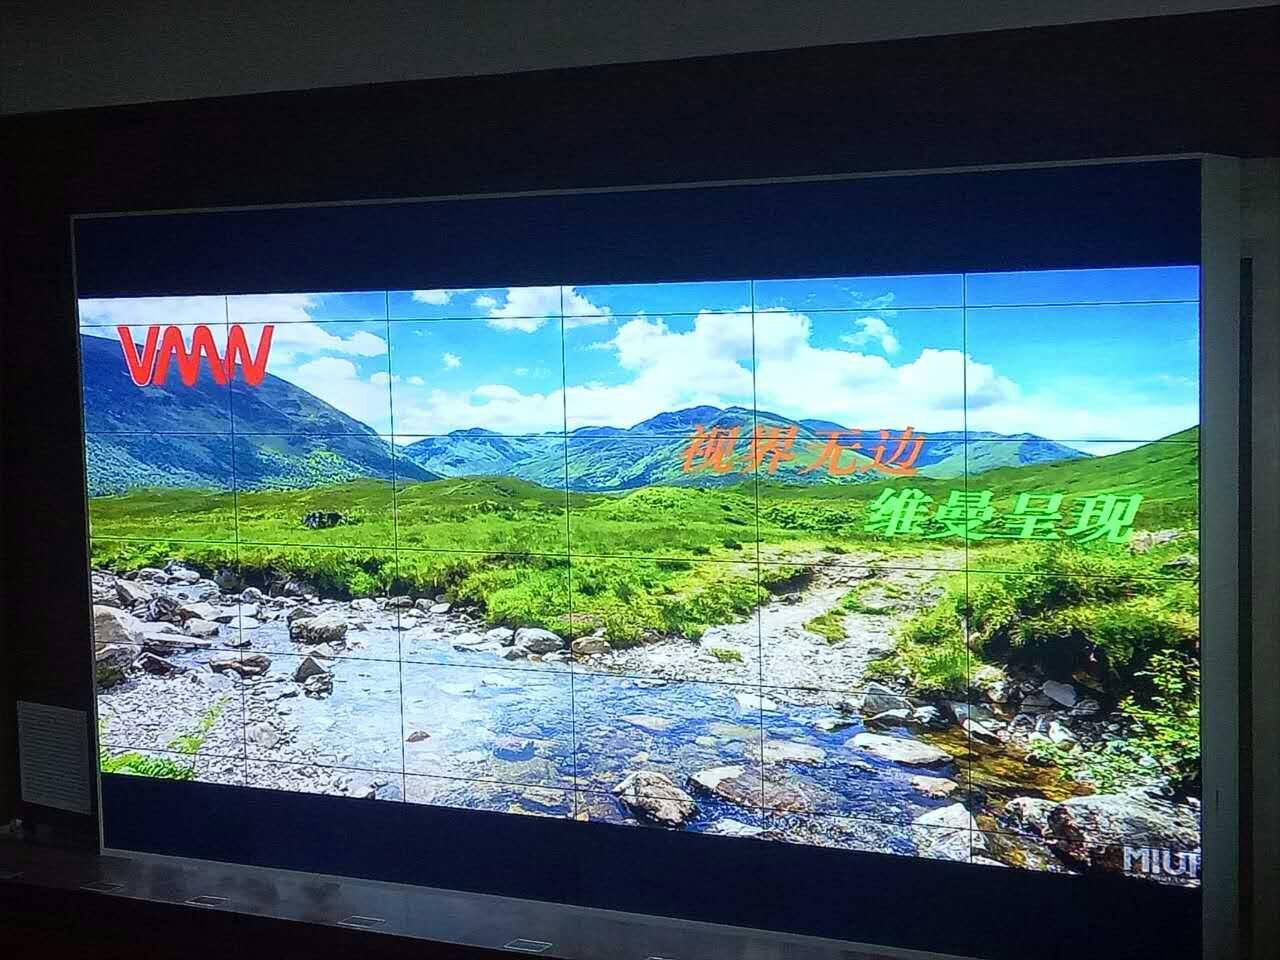 朝阳区教育研究中心潘家园分址55寸6×6